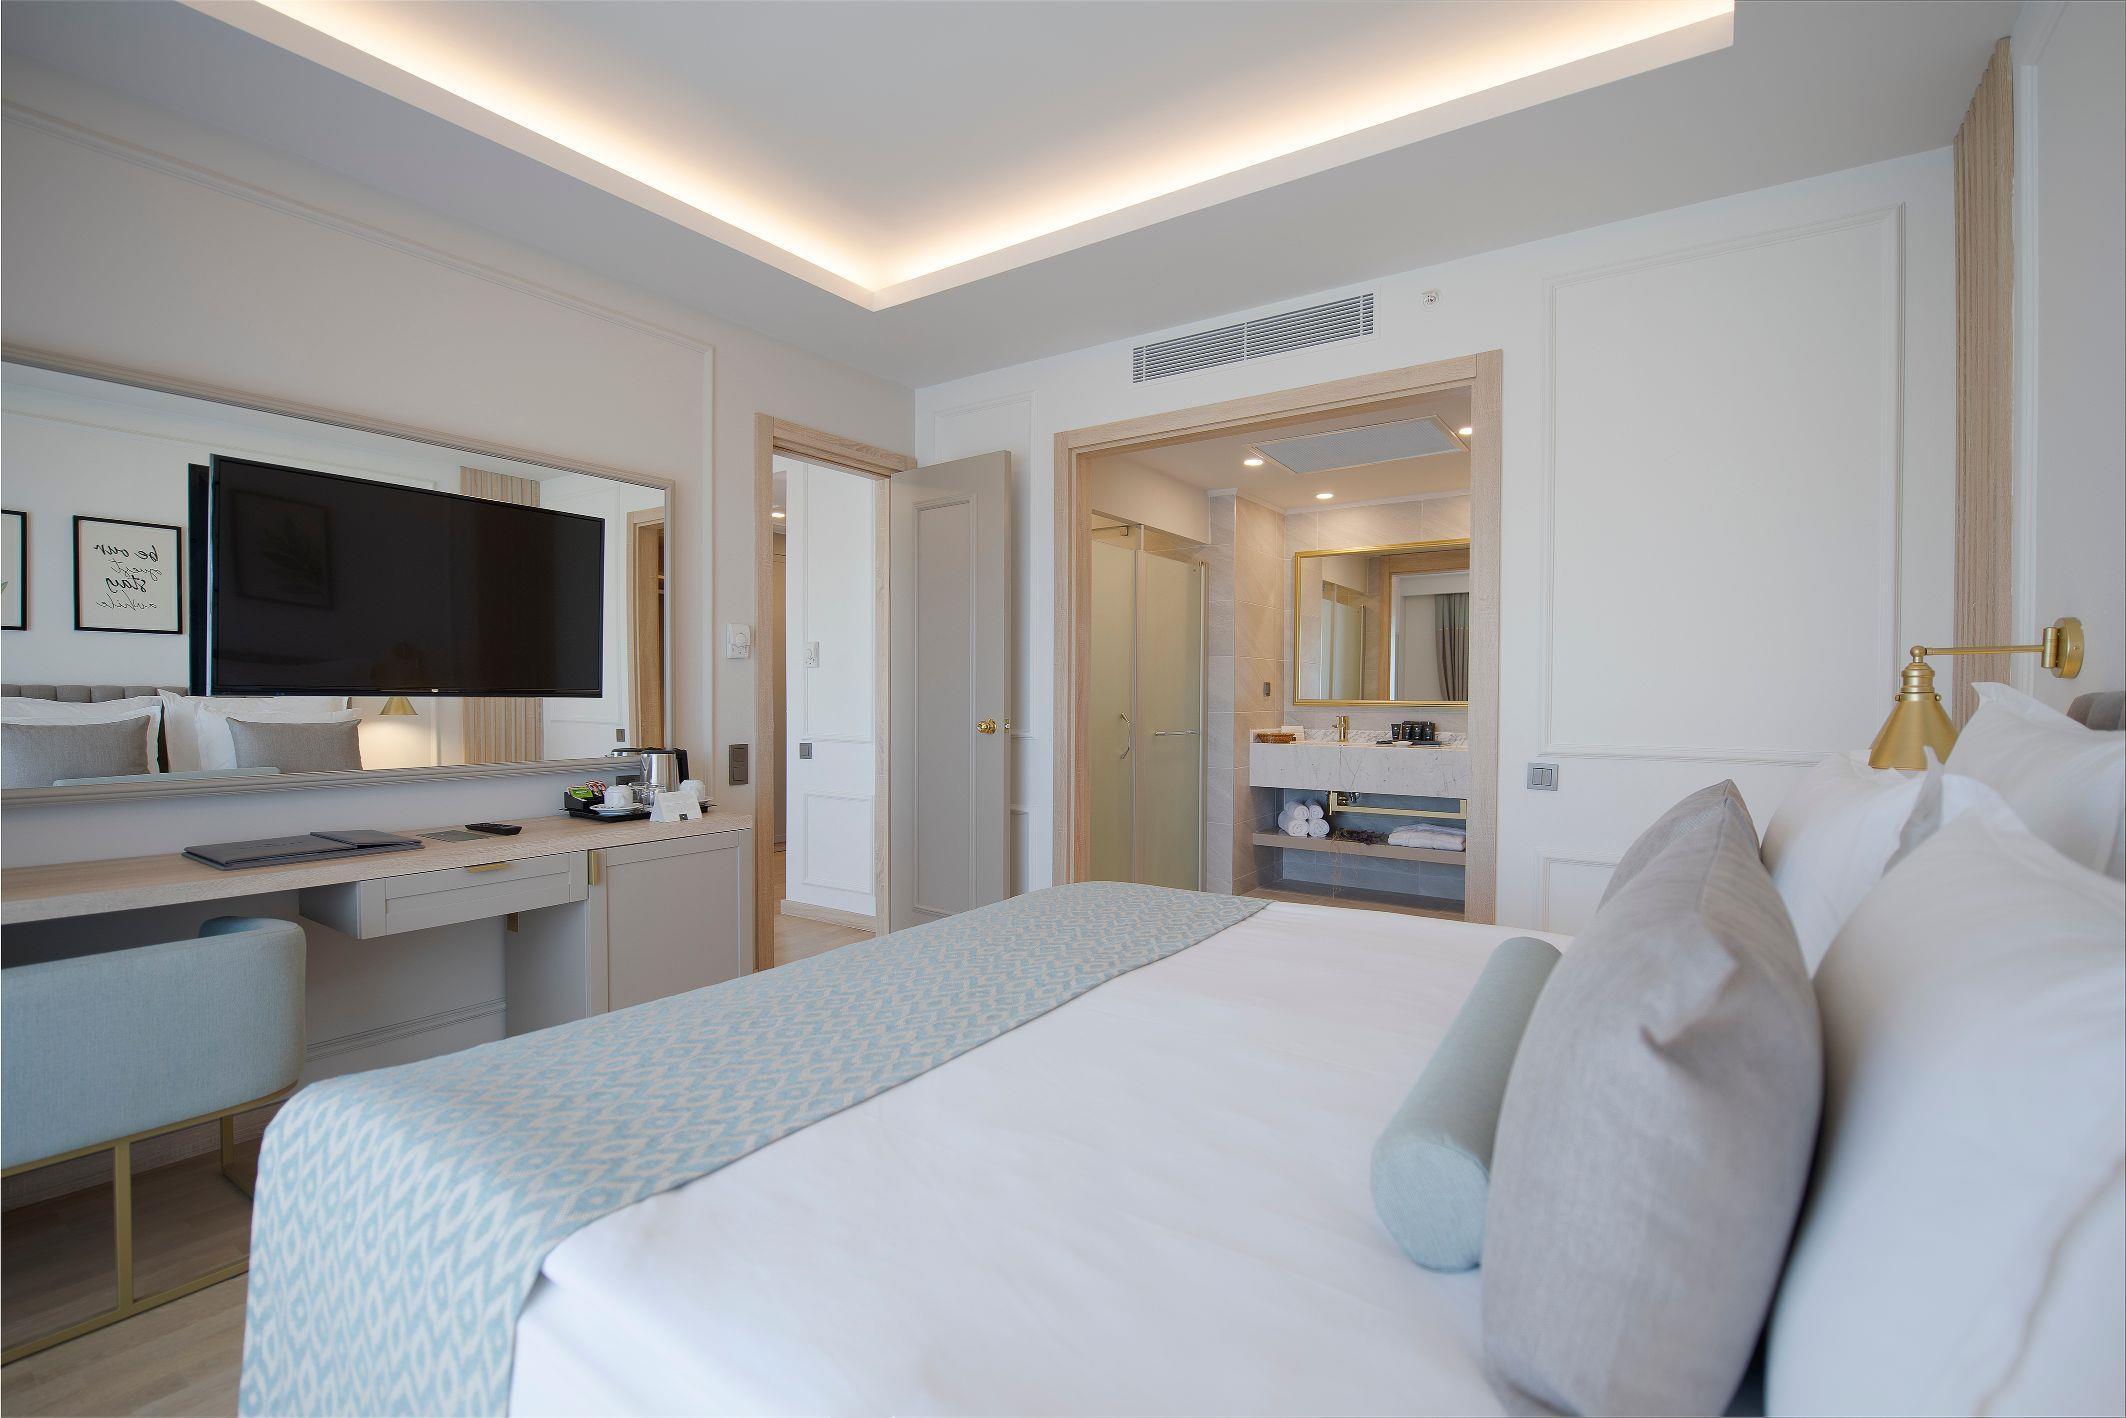 http://www.orextravel.sk/OREX/hotelphotos/miramare-queen-hotel-general-0032.jpg